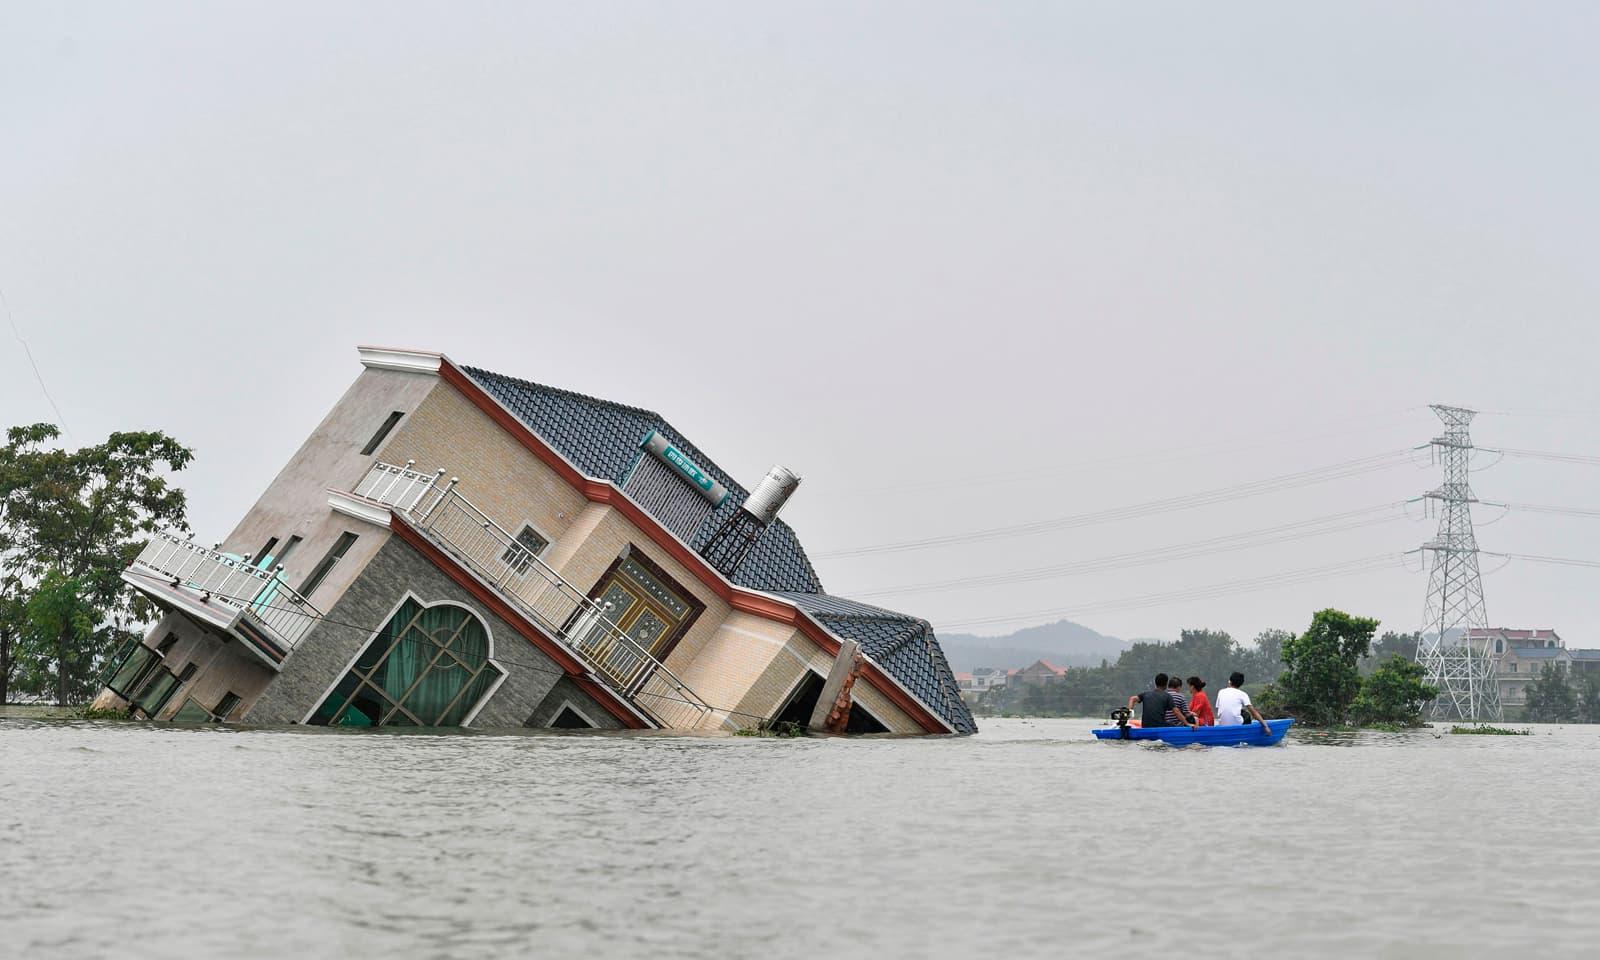 چین کے وسطی صوبے جیان ژن میں سیلاب کے باعث ڈوبتا ہوا مکان — فوٹو: اے ایف پی